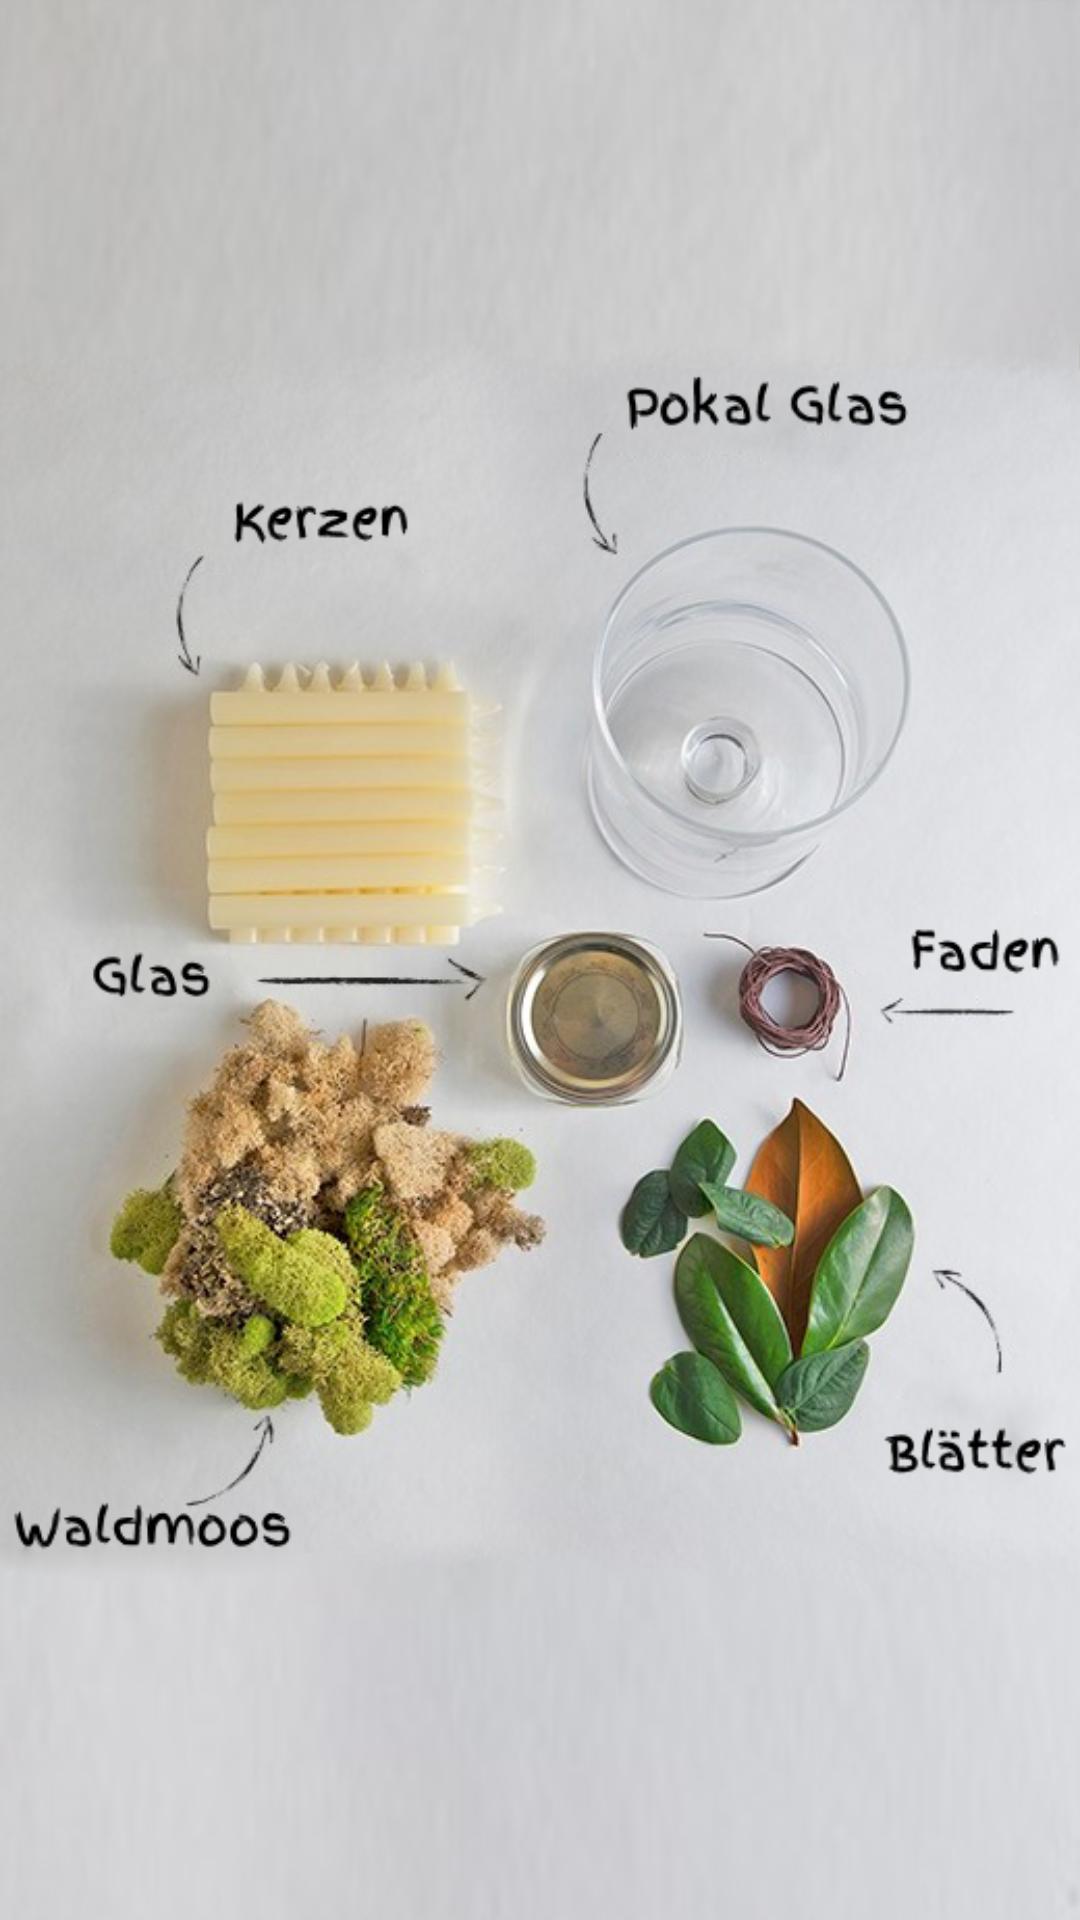 Tischideen und Ambiente: DIY Kerzenhalter als herbstliche Dekoration am Tisch